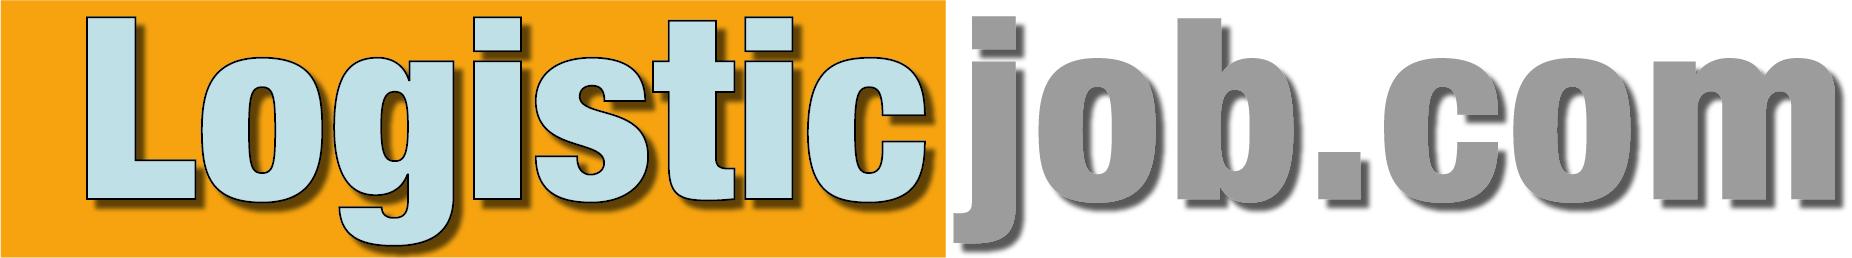 Logisticjob.com